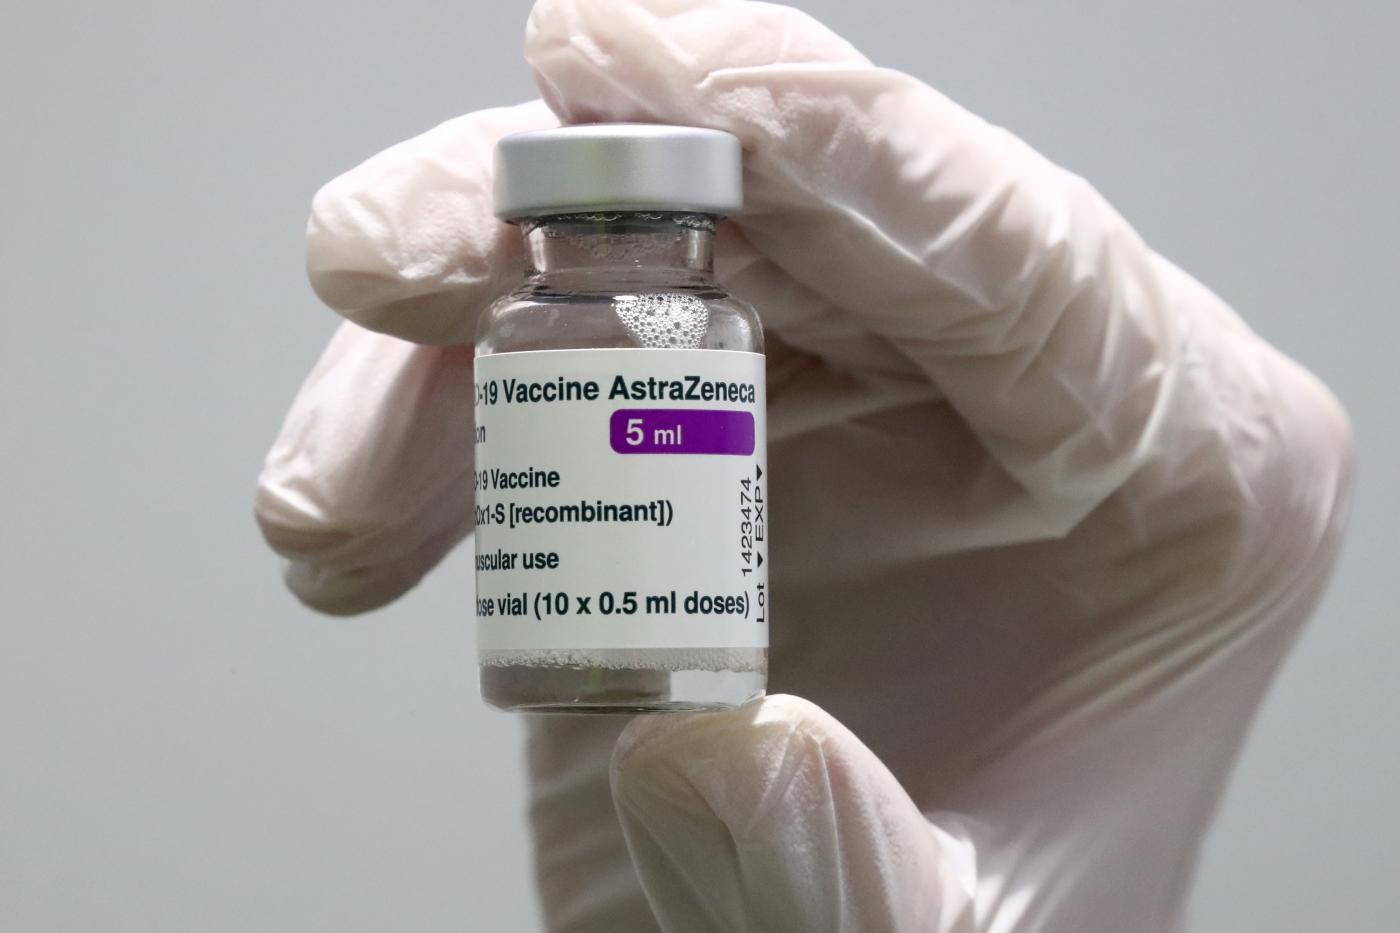 Vaccino AstraZeneca sospeso